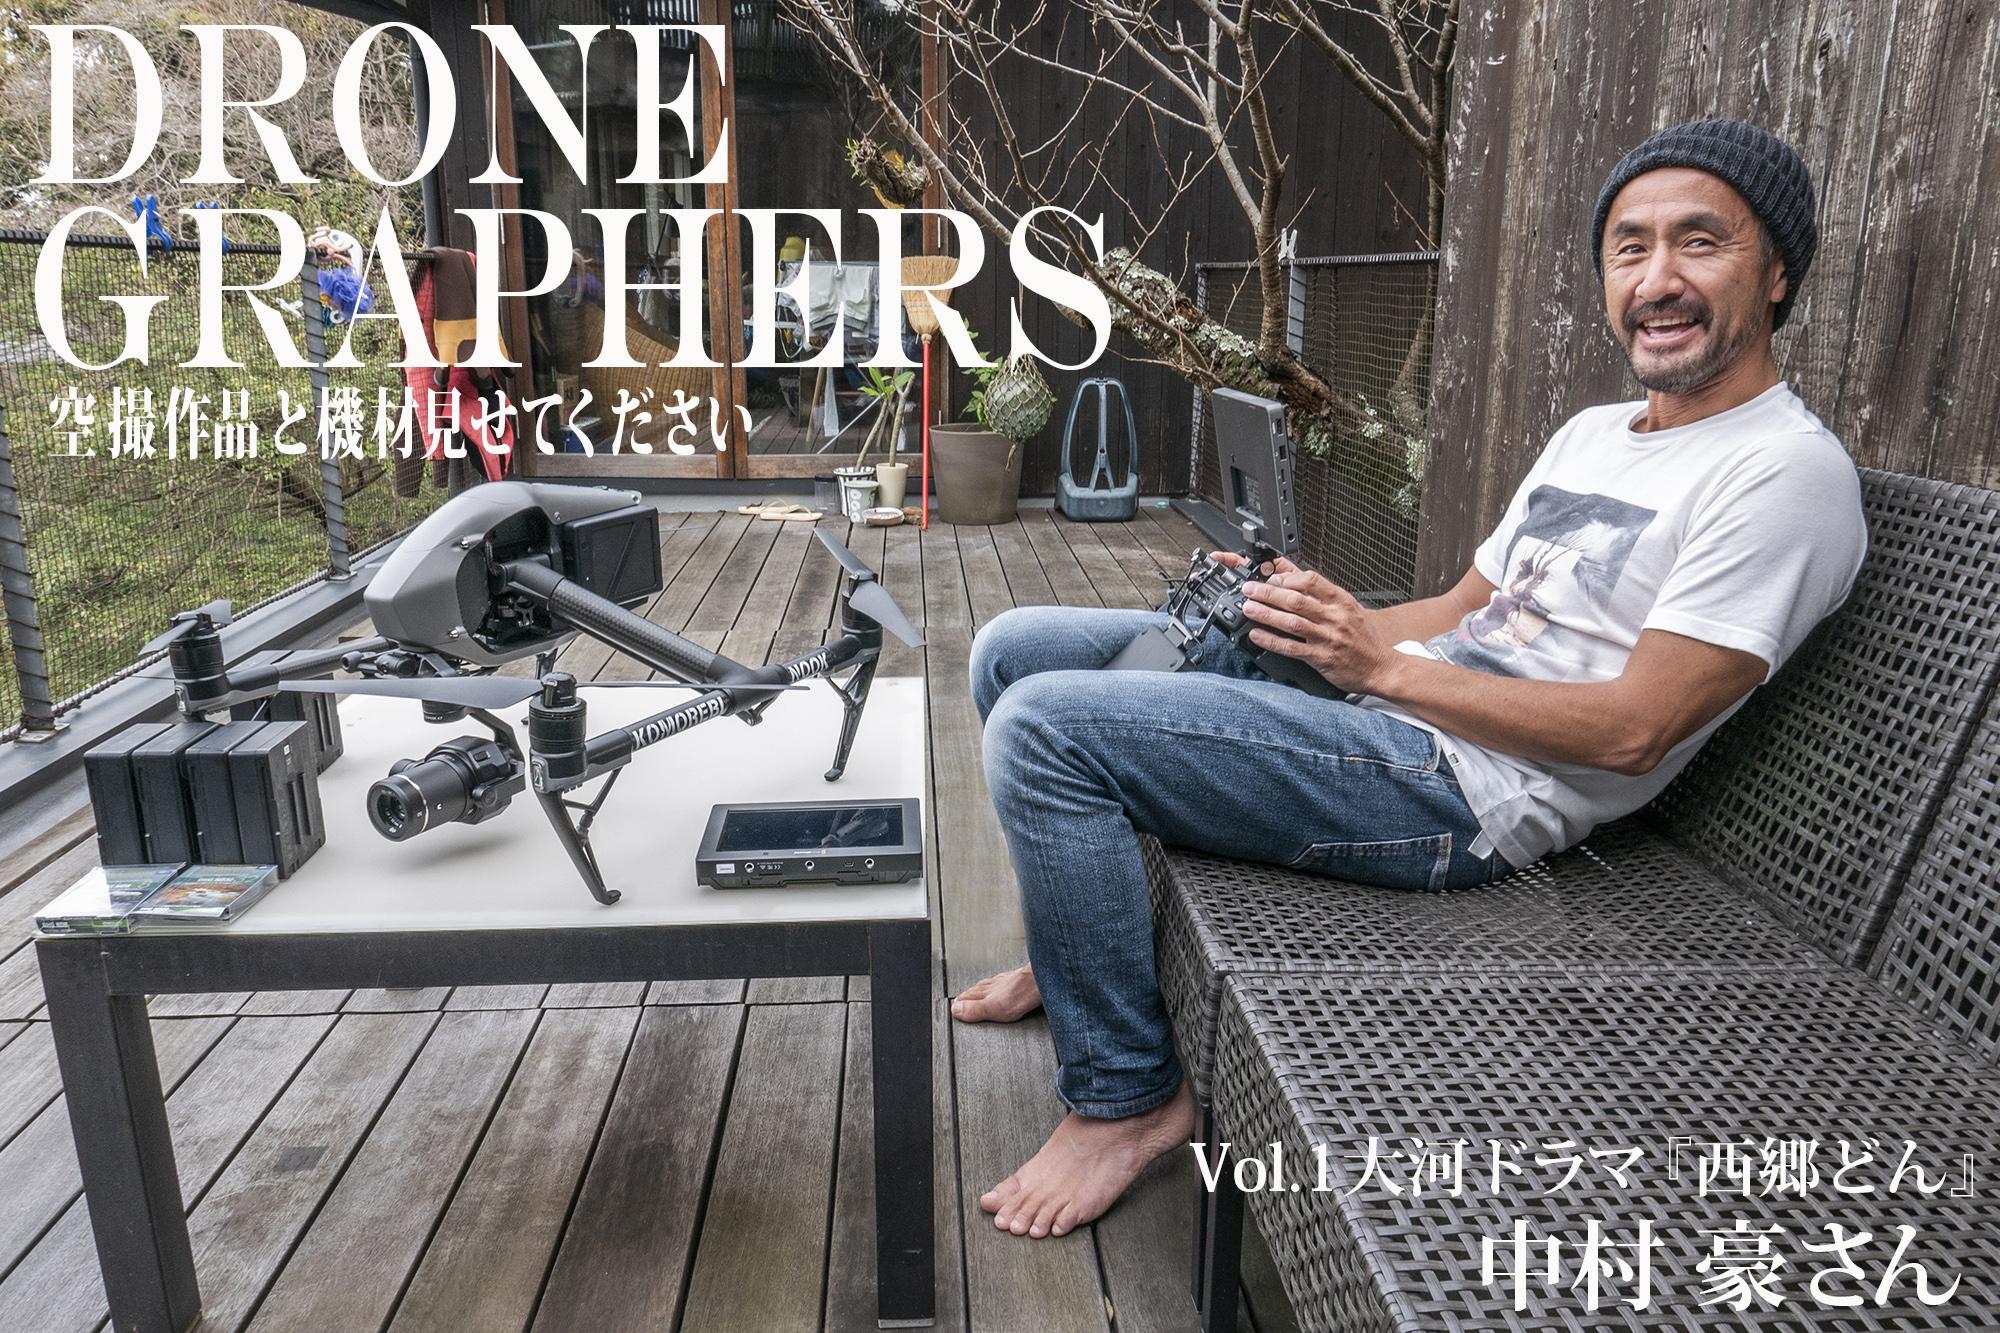 新刊MOOK発売特別企画】Dronegraphers〜空撮作品と機材見せてください ...